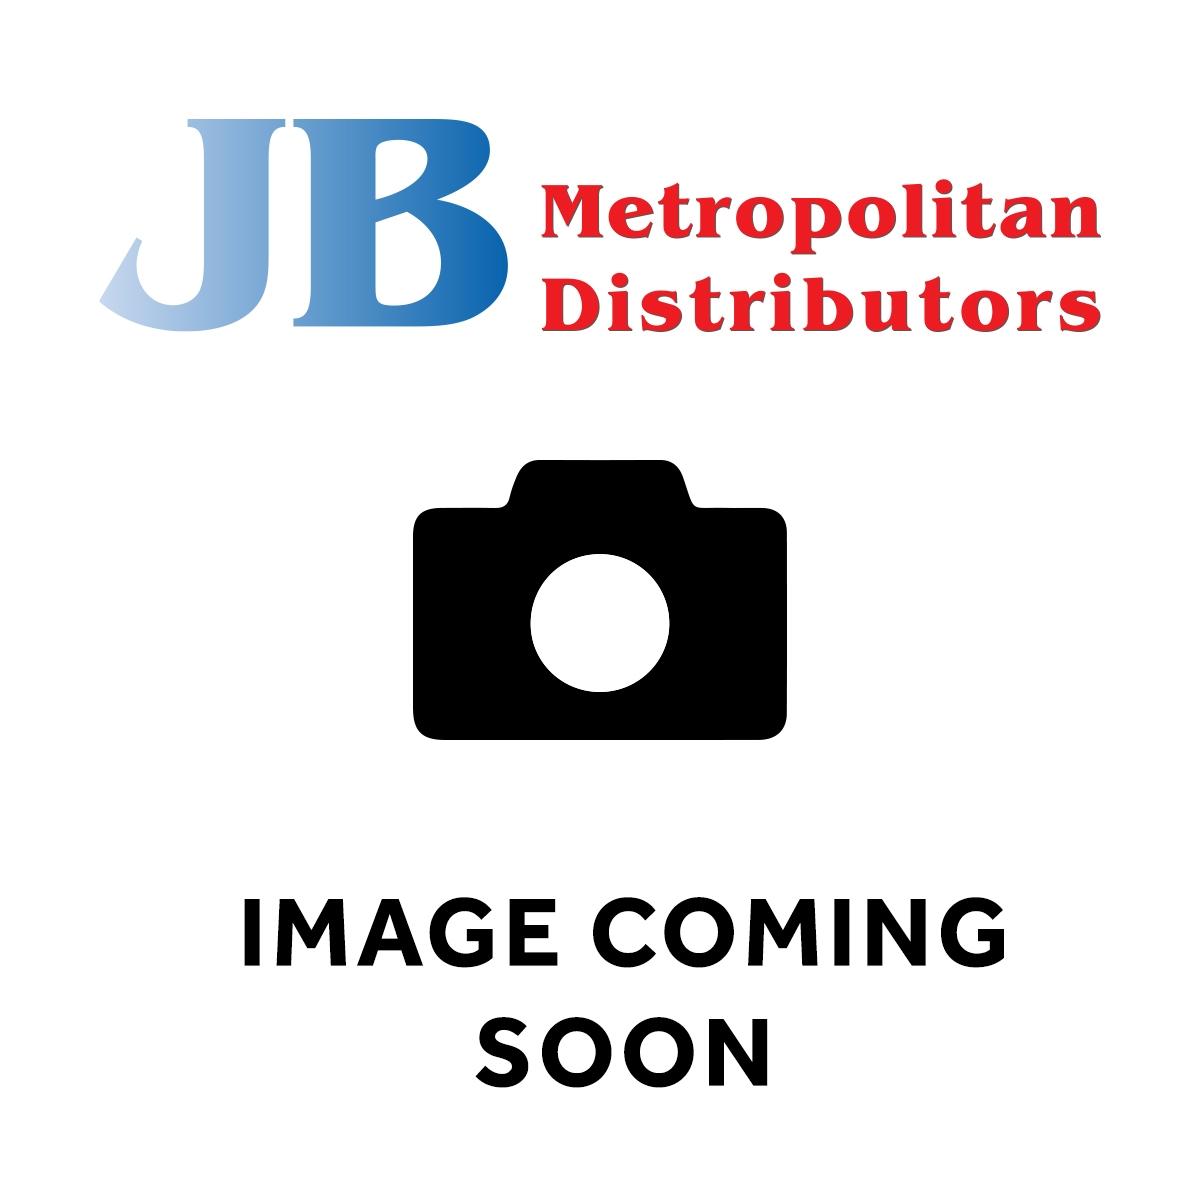 170G MASTERFOODS MUSTARD DIJONNAISE